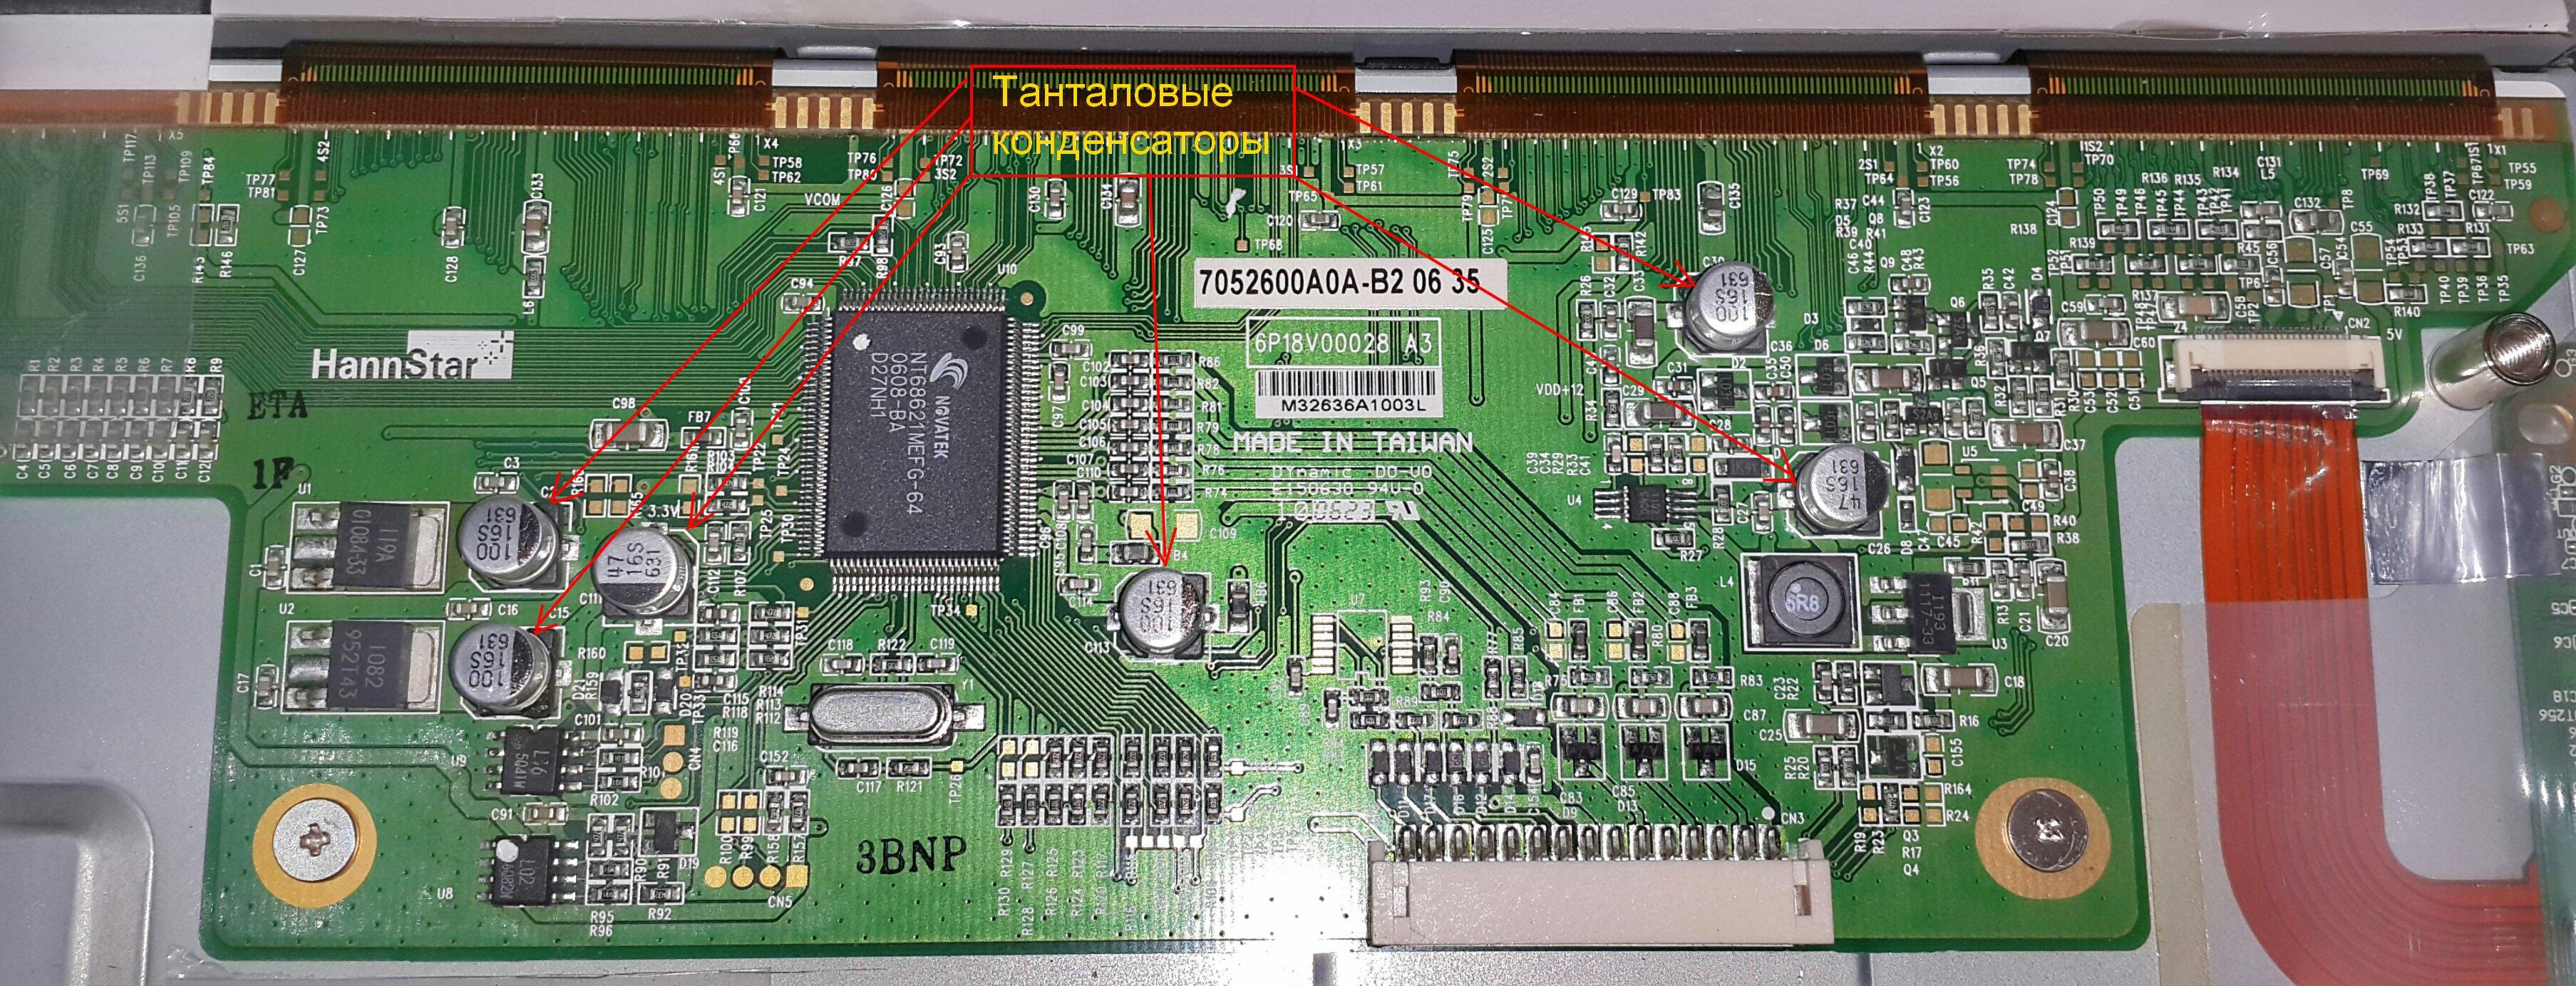 Танталовые конденсаторы